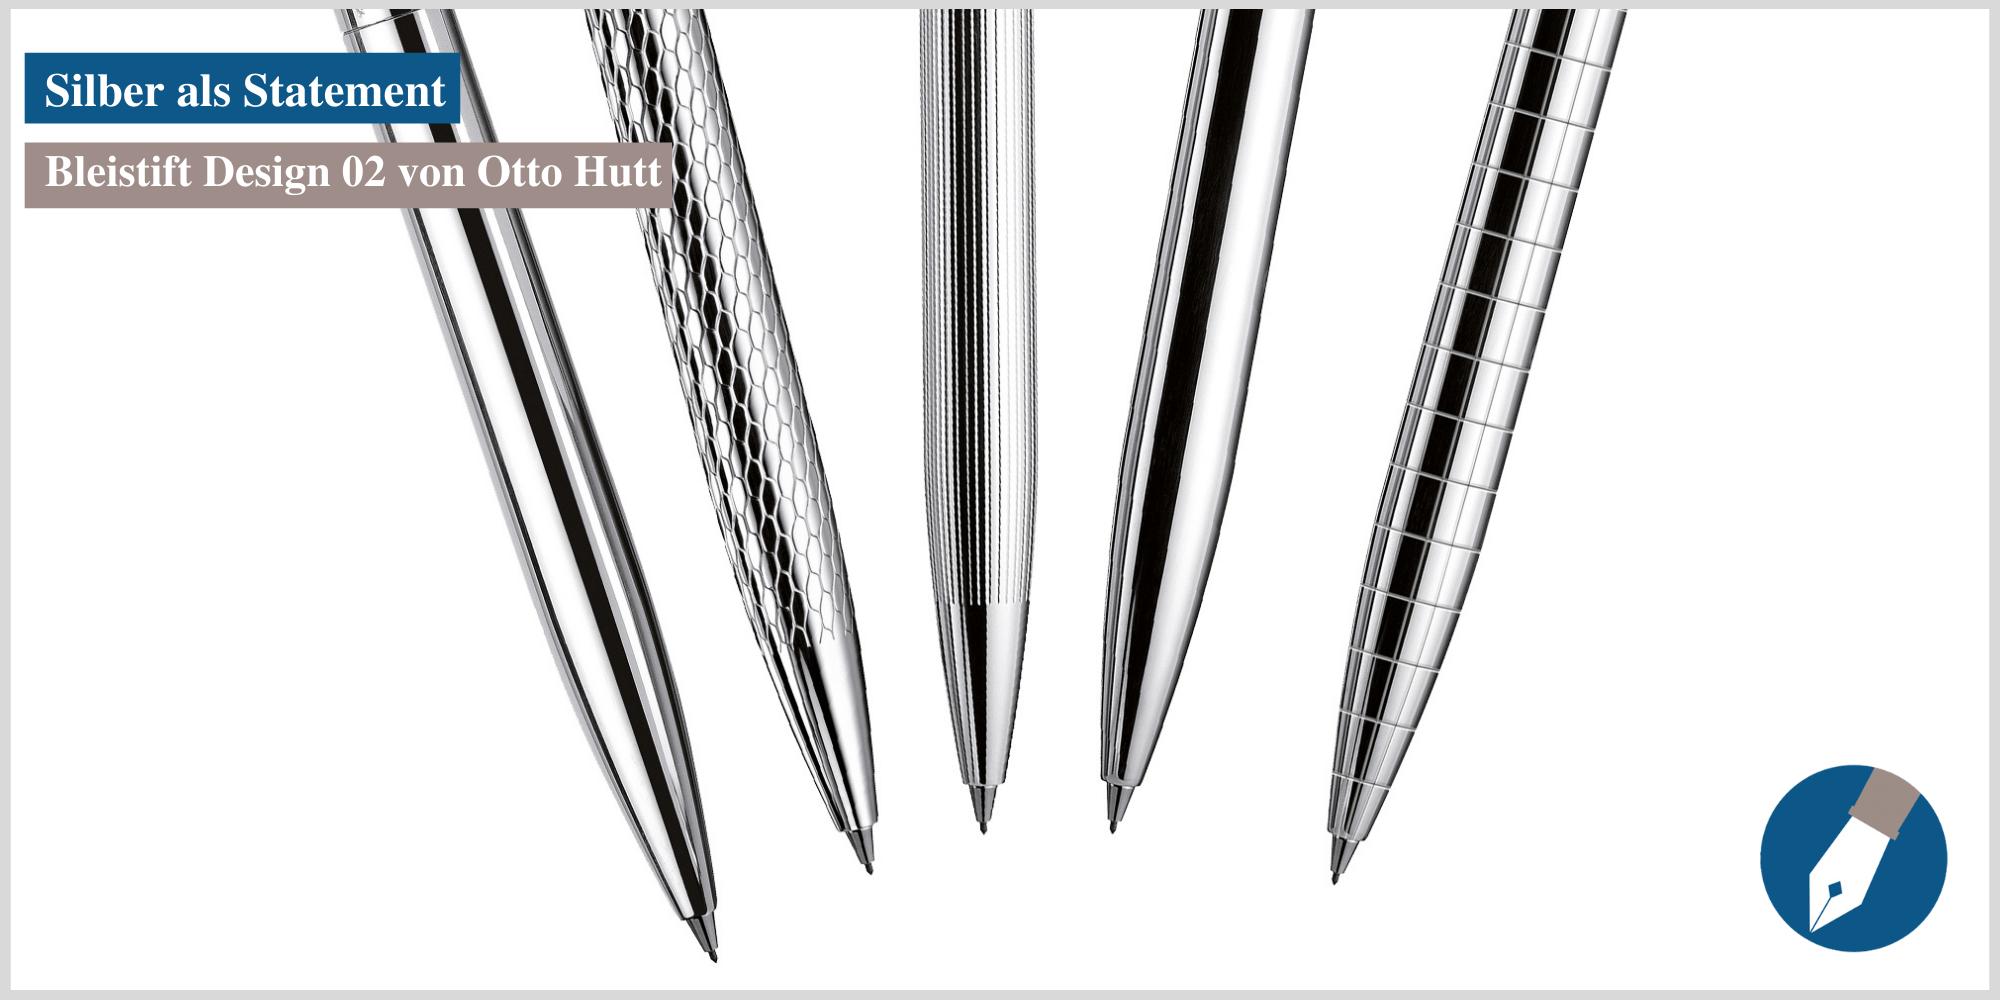 Der Bleistift Design 02 von Otto Hutt - jetzt bei MiaSkribo online erhältlich.